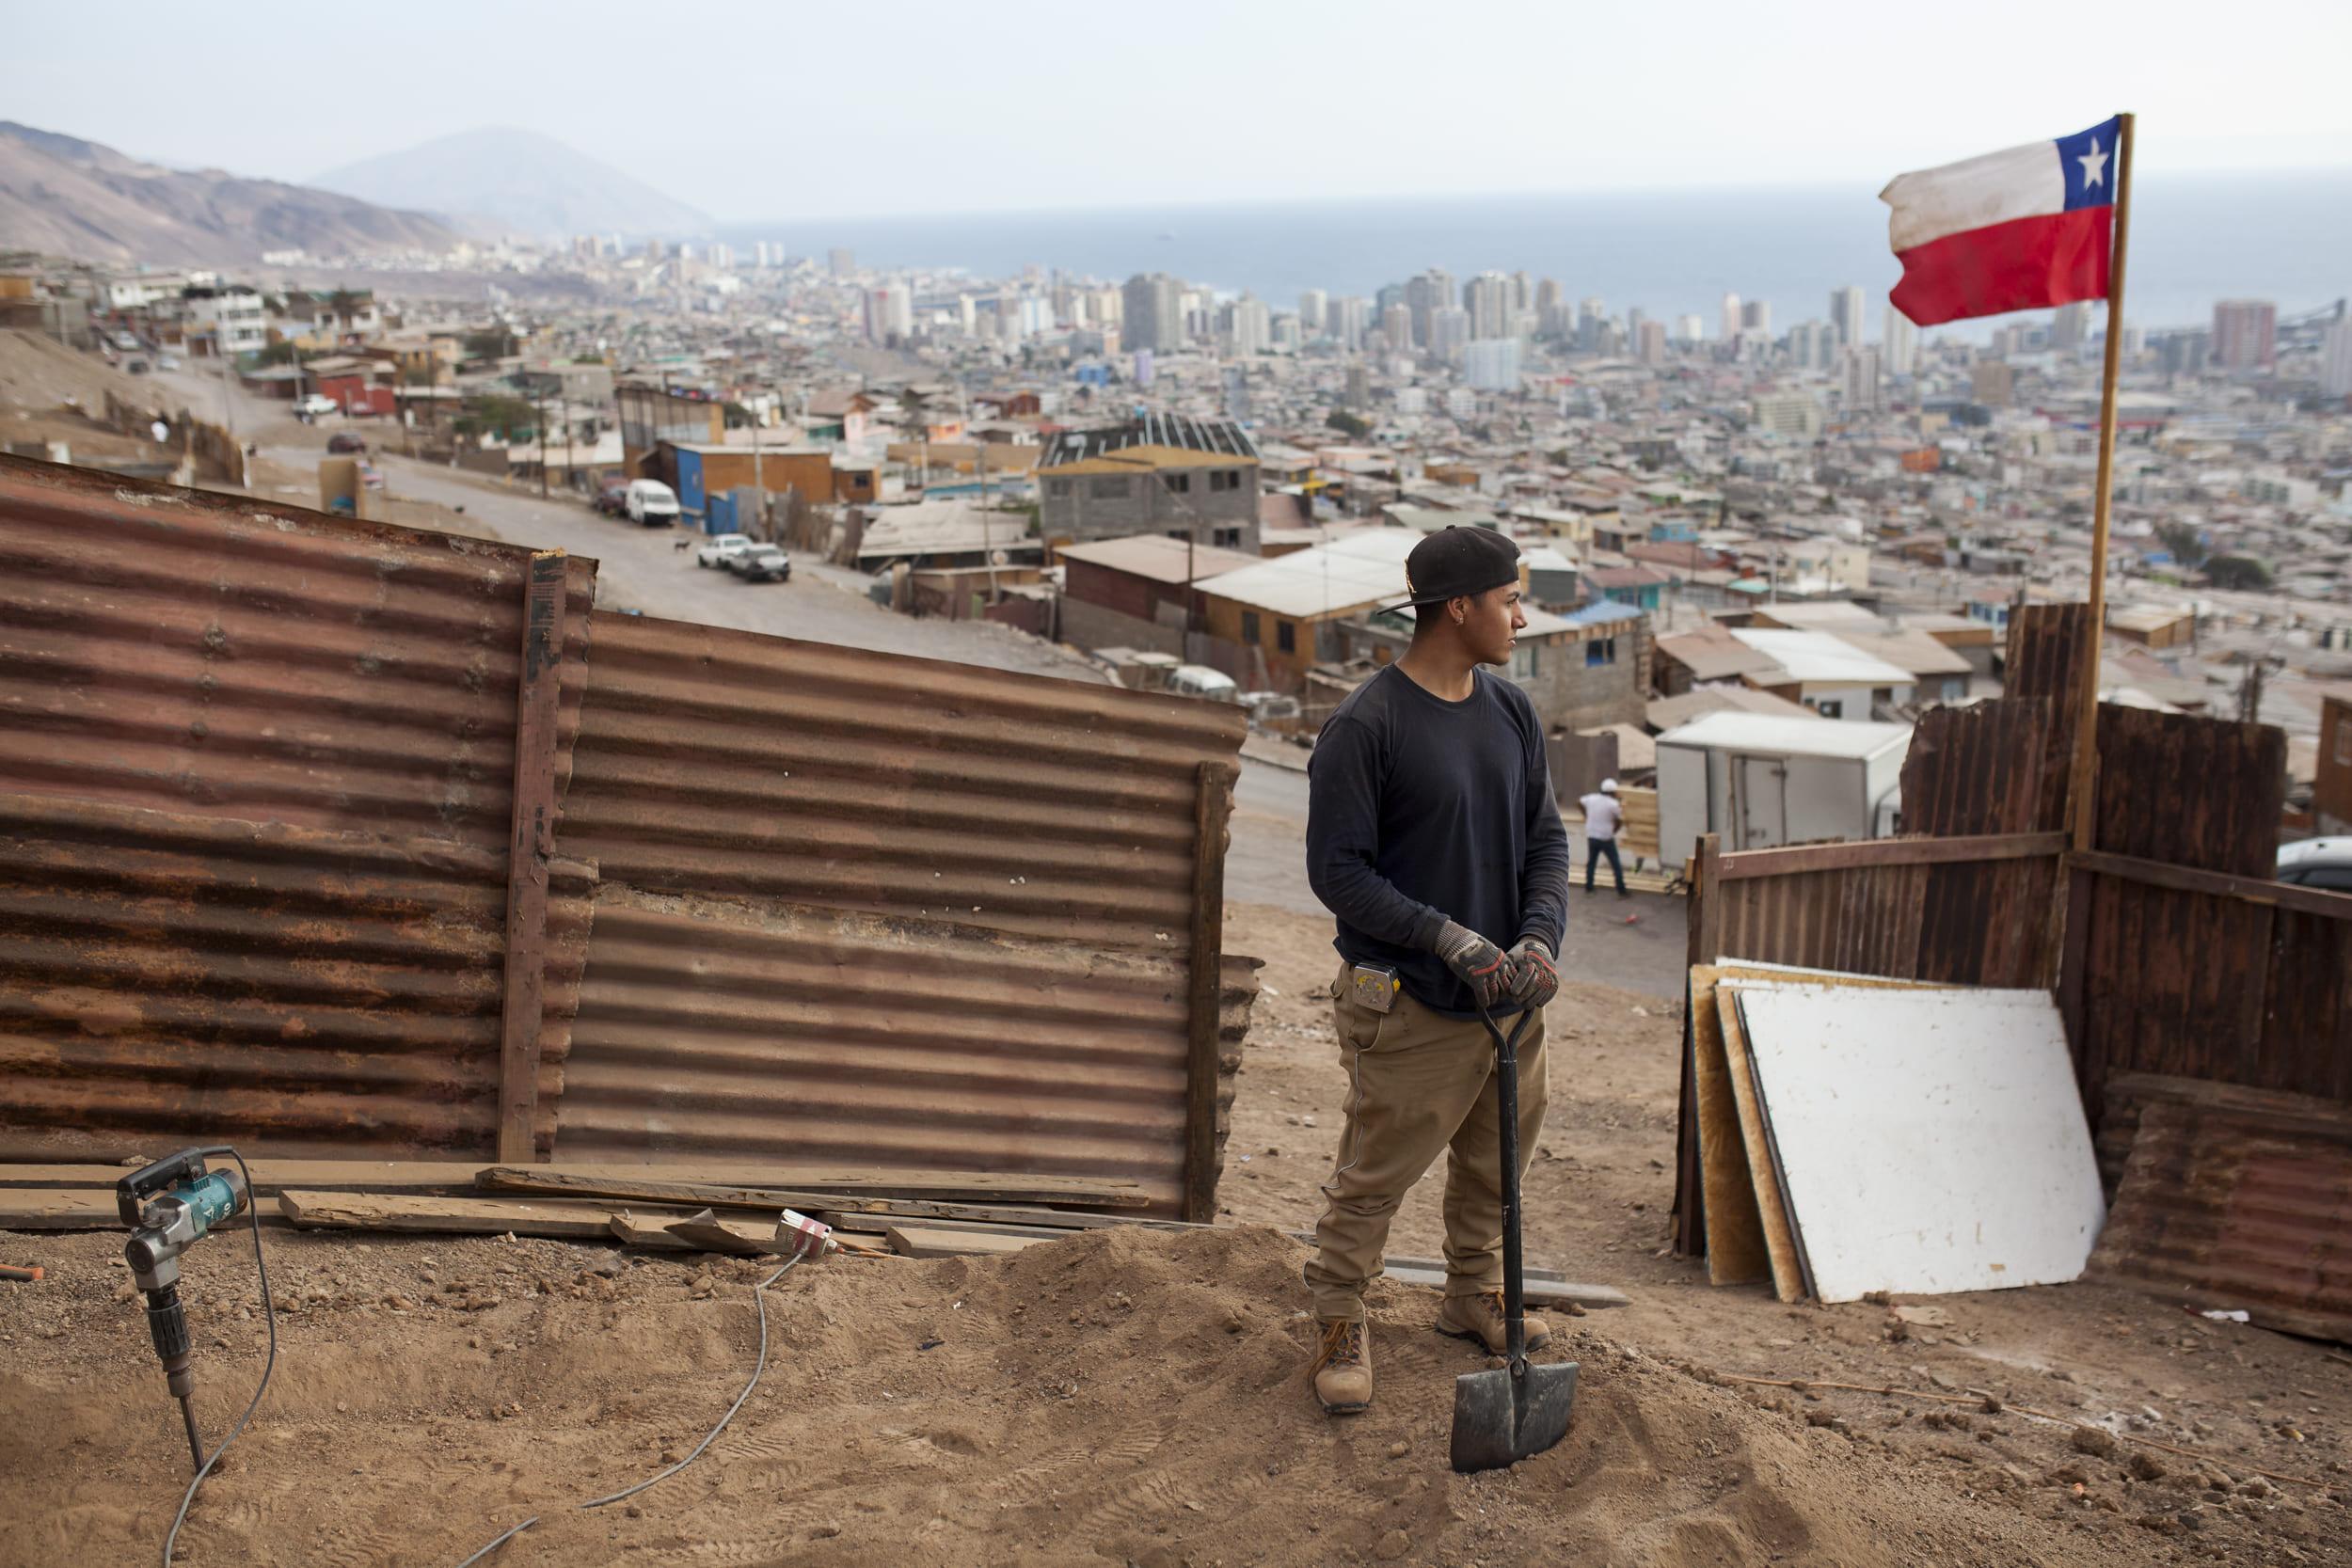 Las 4 caras del mundo del trabajo en Chile